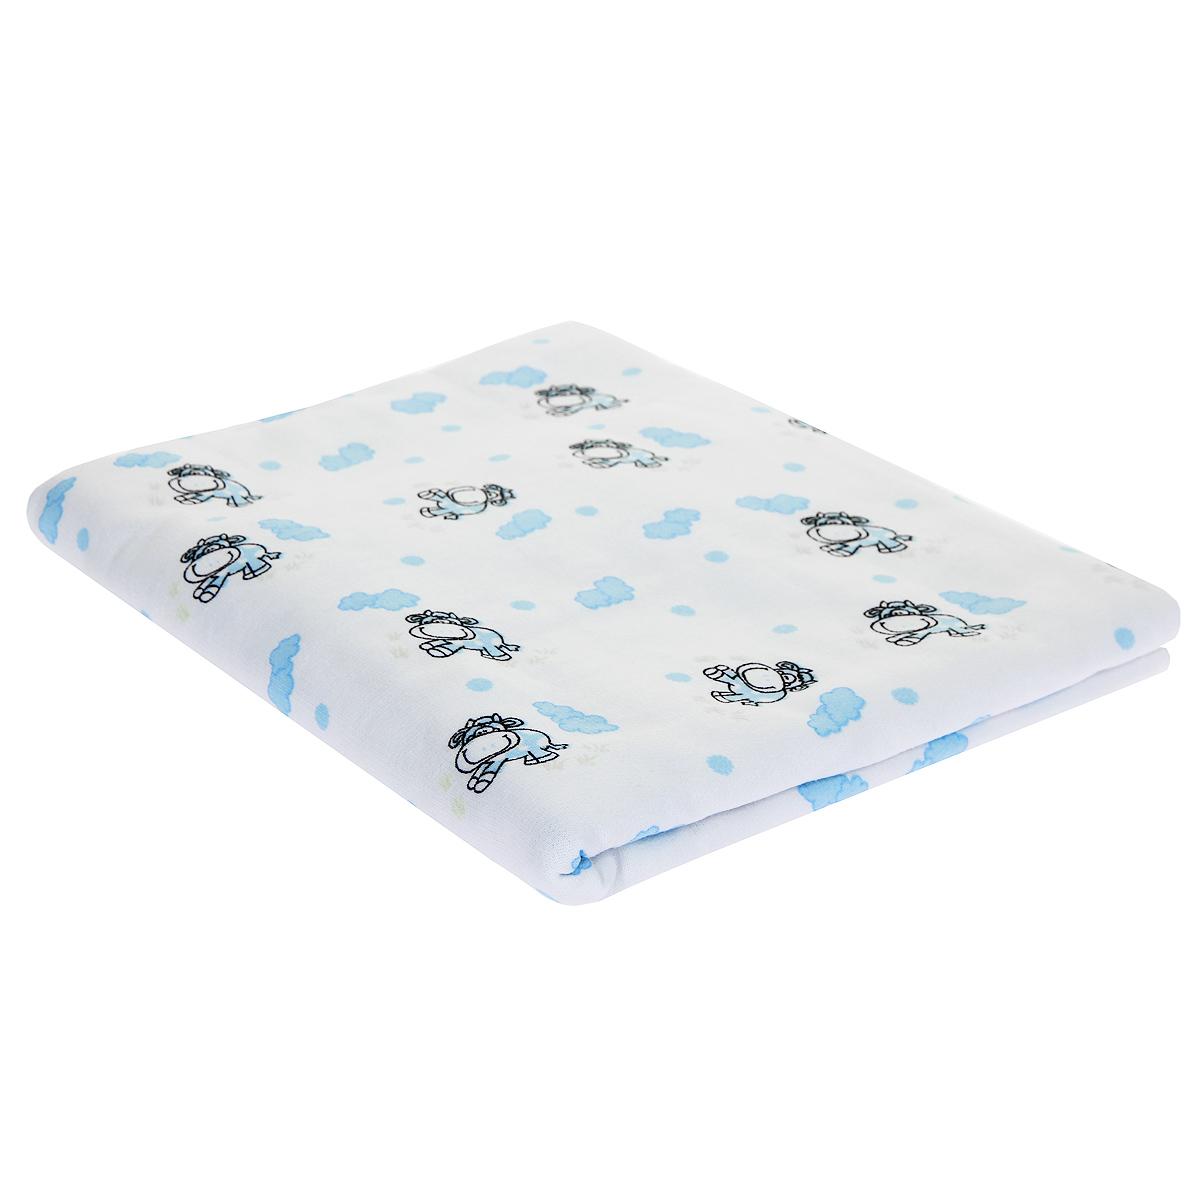 Пеленка детская Трон-Плюс, цвет: белый с голубыми коровками, 120 см х 90 см5411 гол корПеленка выполнена из футера - хлопчатобумажной ткани с небольшим начесом с изнаночной стороны. Такая ткань прекрасно дышит, она гипоаллергенна, обладает повышенными теплоизоляционными свойствами и не теряет формы после стирки. Мягкая ткань укутывает малыша с необычайной нежностью. Пеленку также можно использовать как легкое одеяло в теплую погоду, простынку, полотенце после купания, накидку для кормления грудью или как согревающий компресс при коликах. Пеленочка белого цвета оформлена изображениями голубых облаков и коровок. Ее размер подходит для пеленания даже крупного малыша.